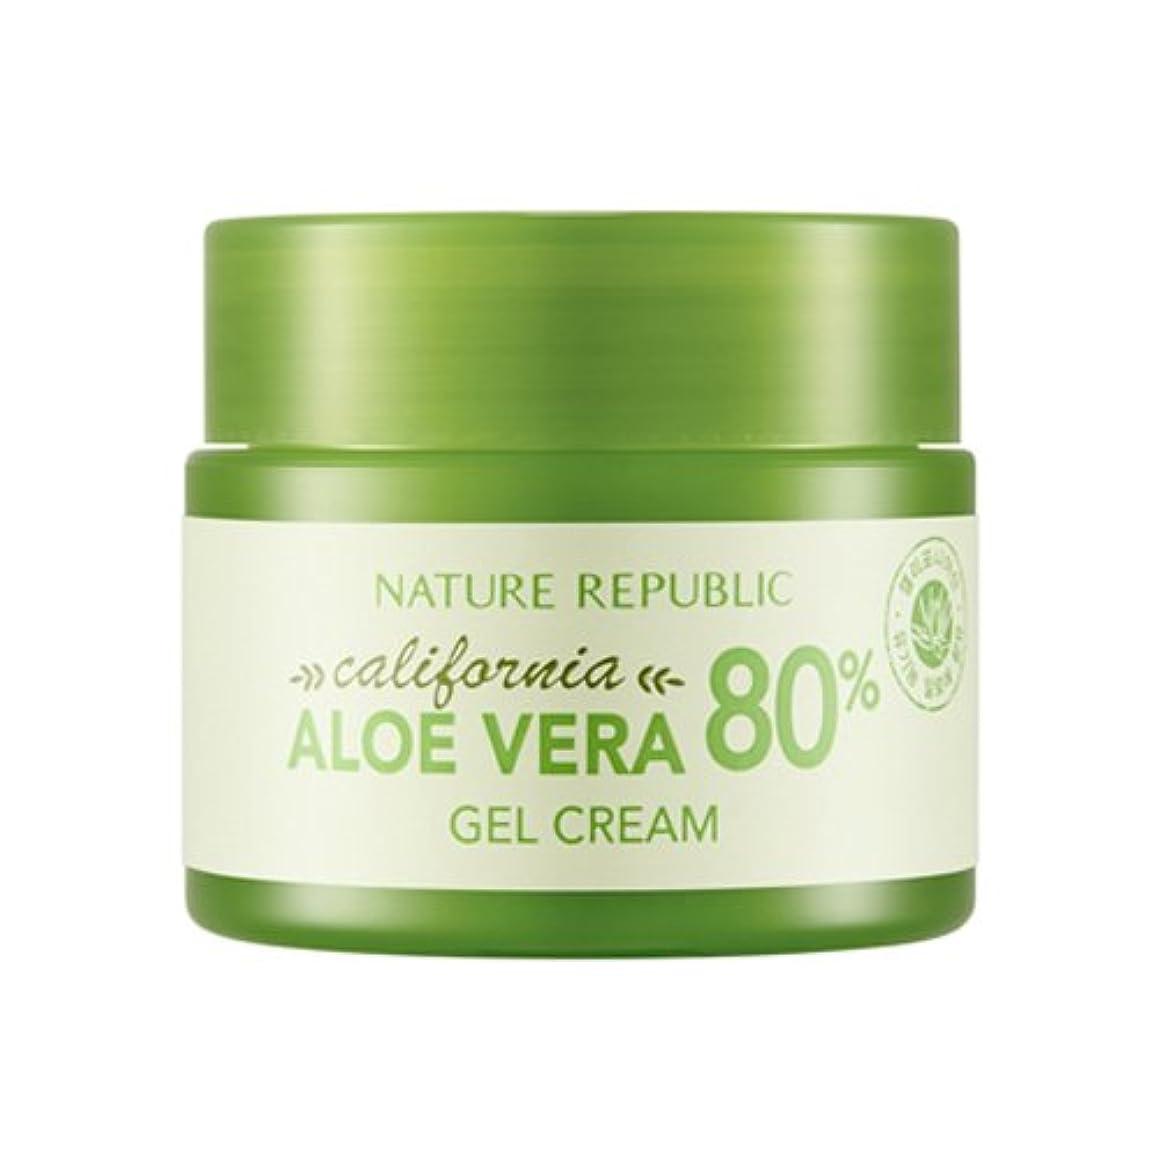 サルベージ十代マークされた[ネイチャーリパブリック] Nature Republic カリフォルニアアロエベラ80%のゲルクリーム California Aloe Vera 80% Gel Cream [並行輸入品]